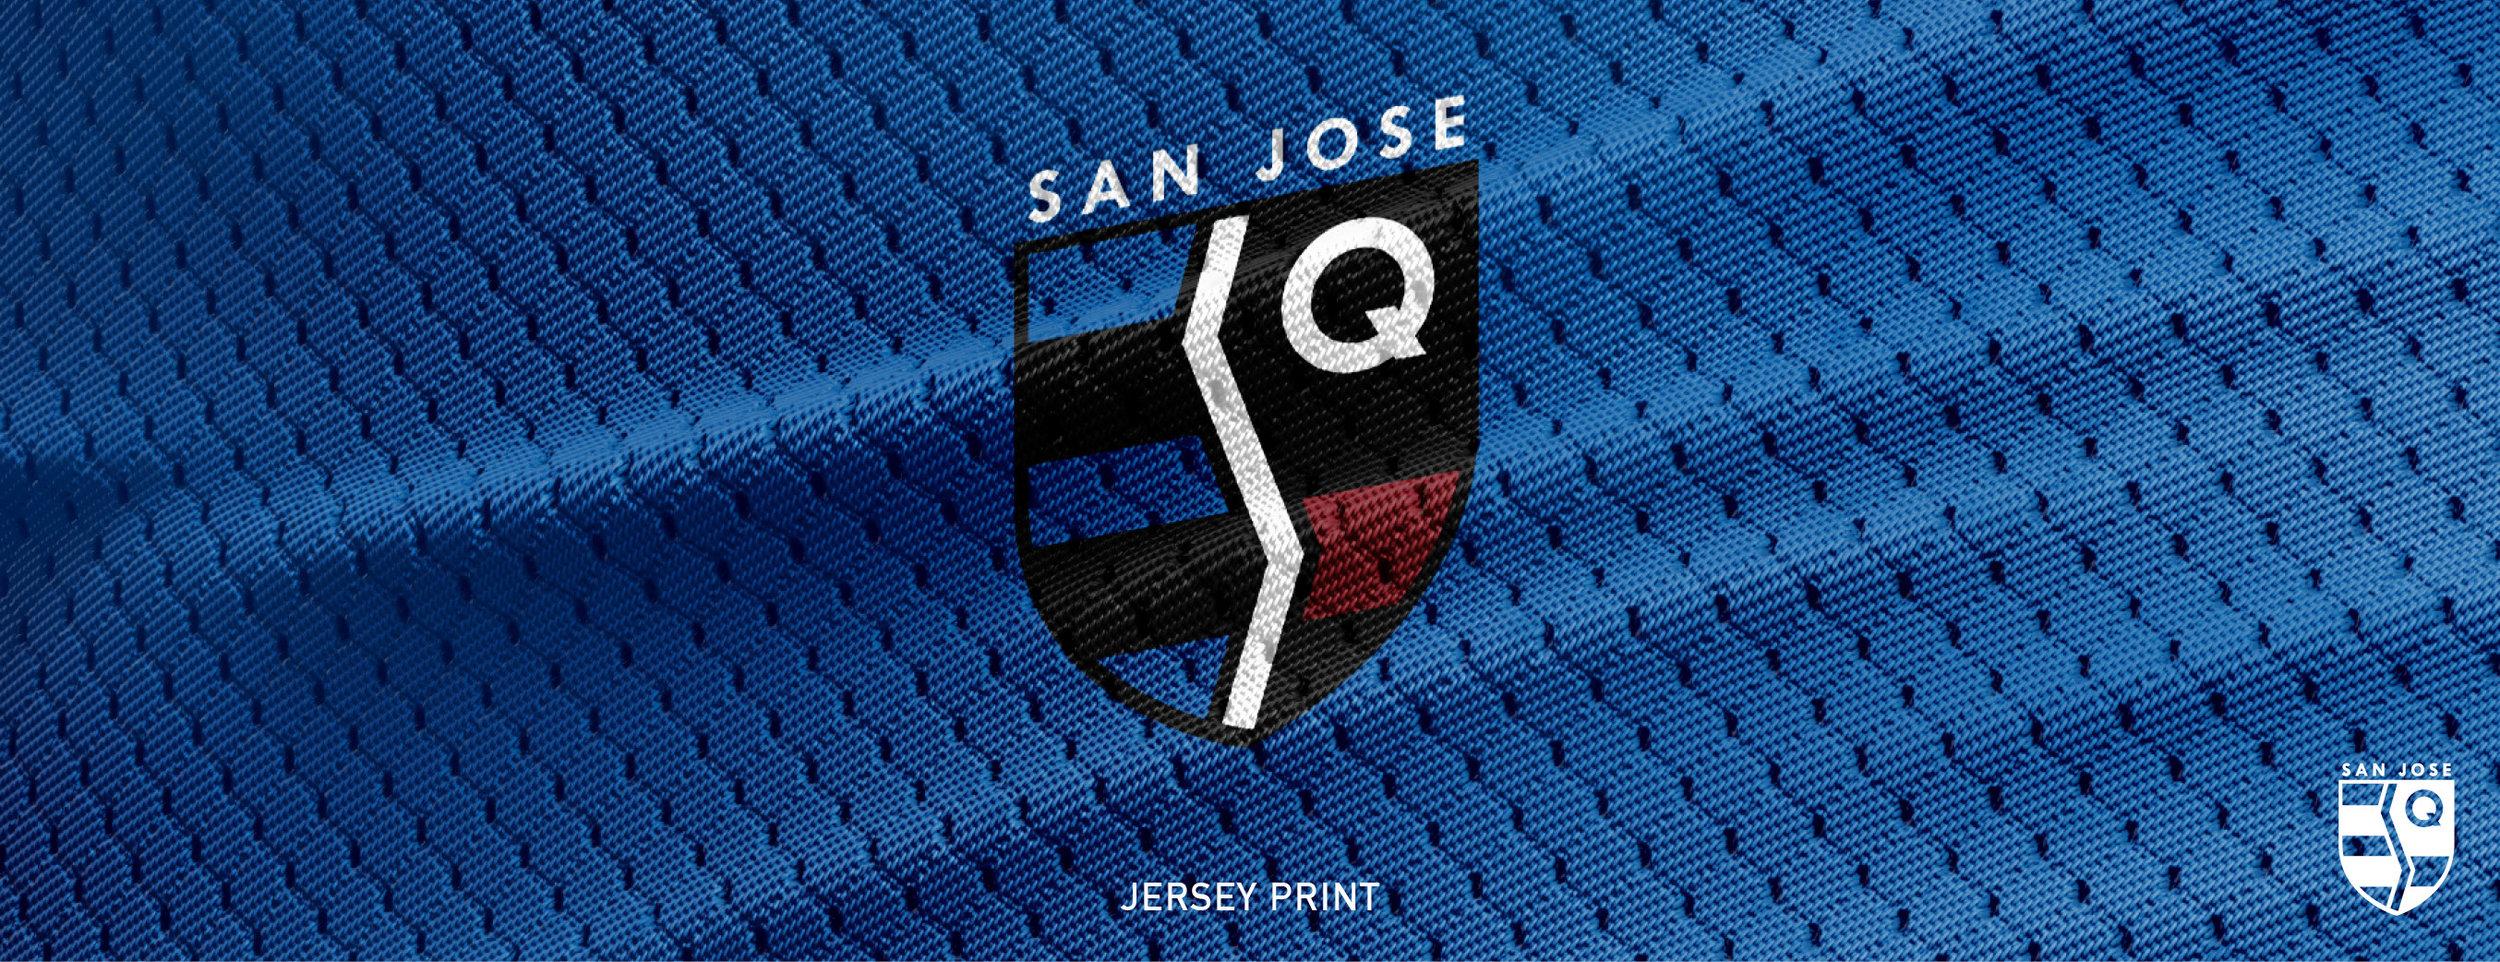 San Jose - Rebrand7.jpg